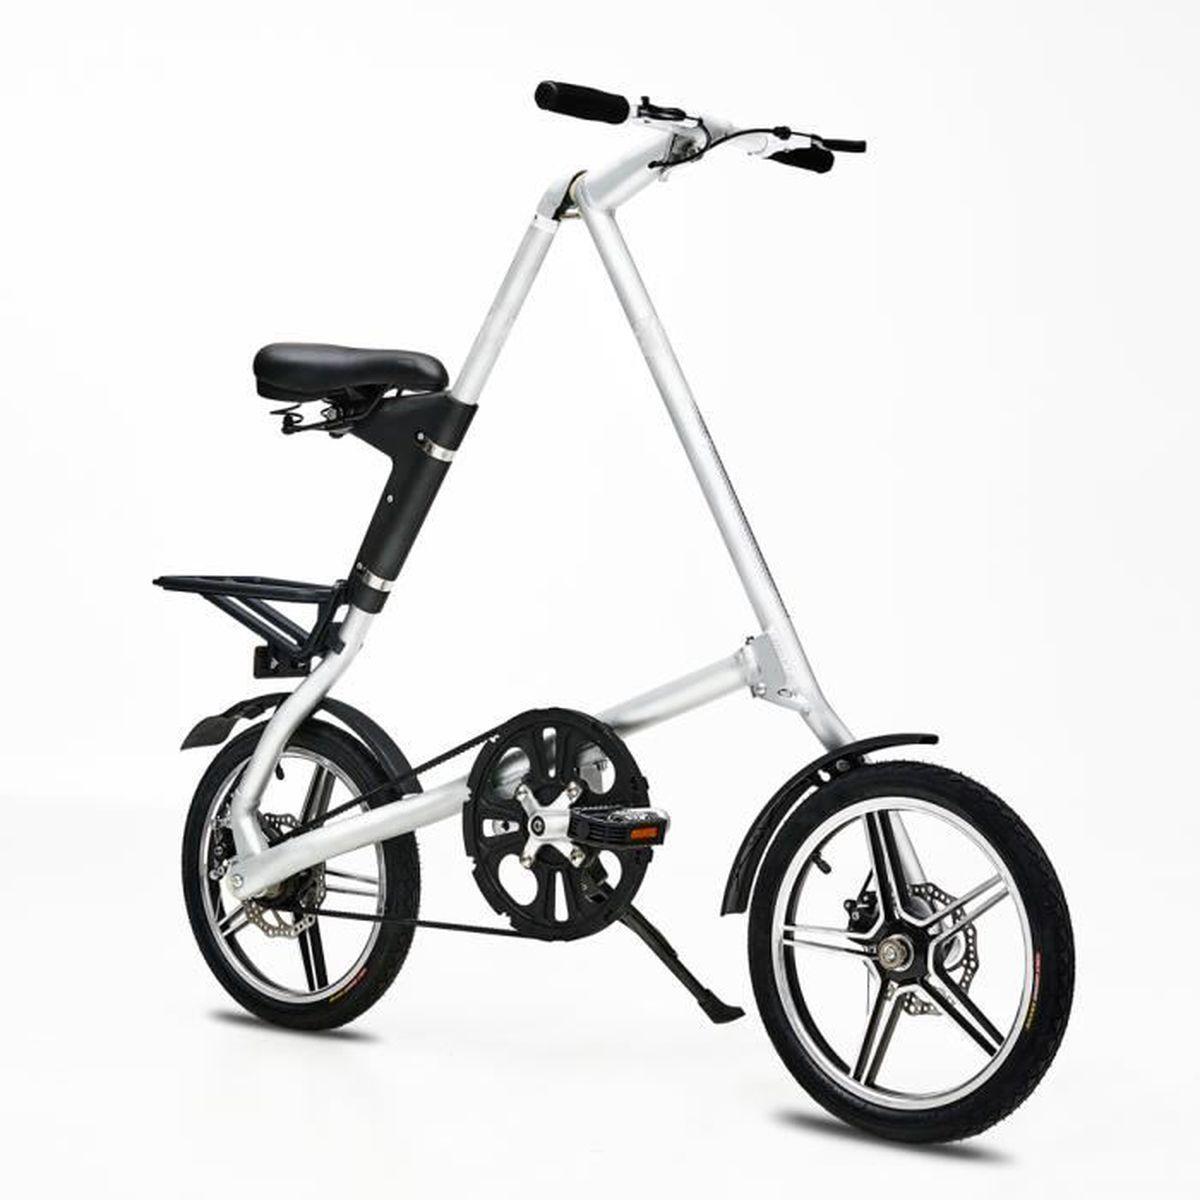 VÉLO PLIANT Vélo Pliant Vélo Adulte Portable Bicyclette Solide